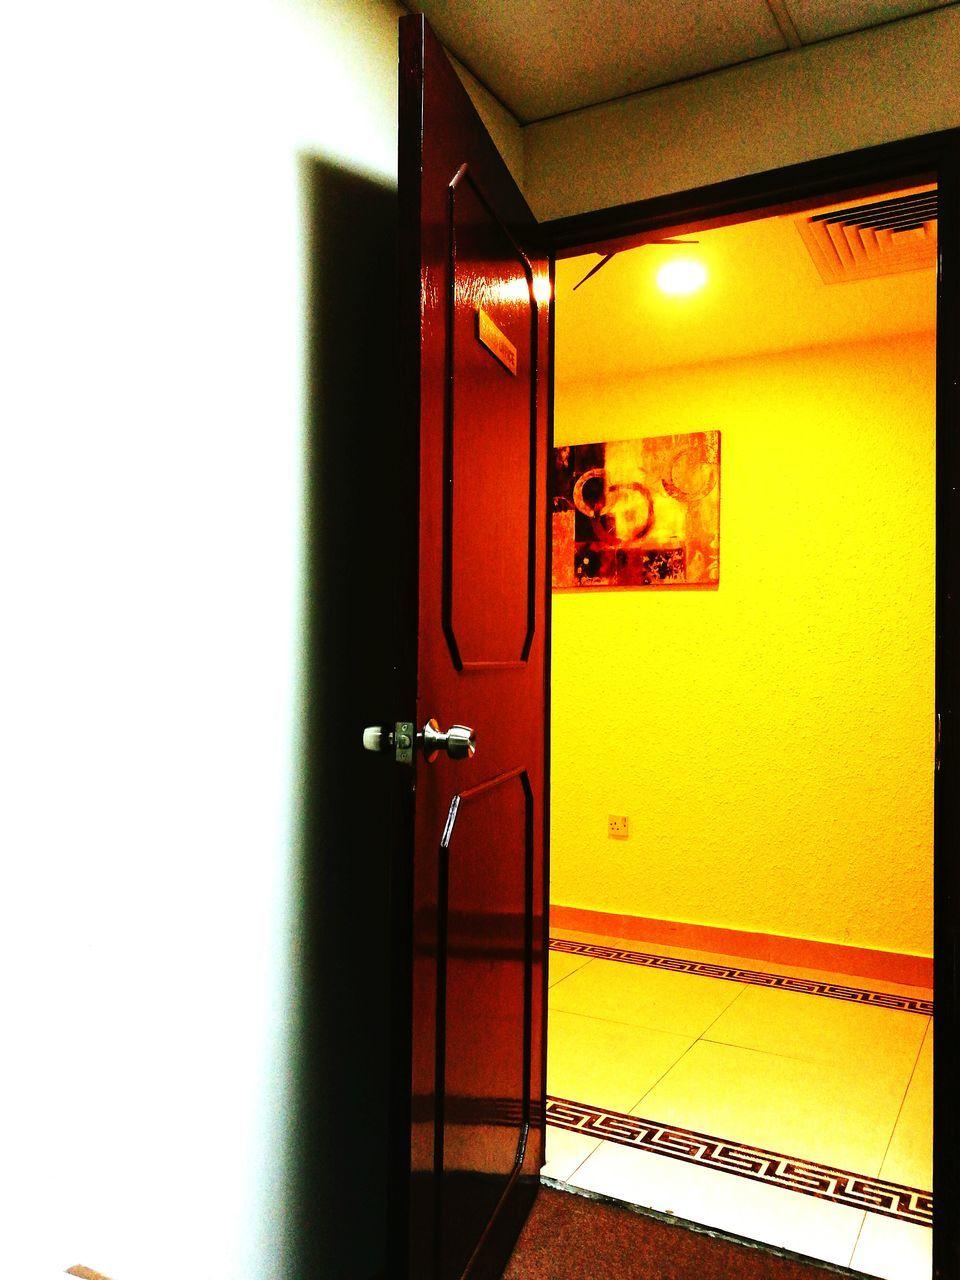 door, illuminated, indoors, open, no people, architecture, built structure, open door, close-up, day